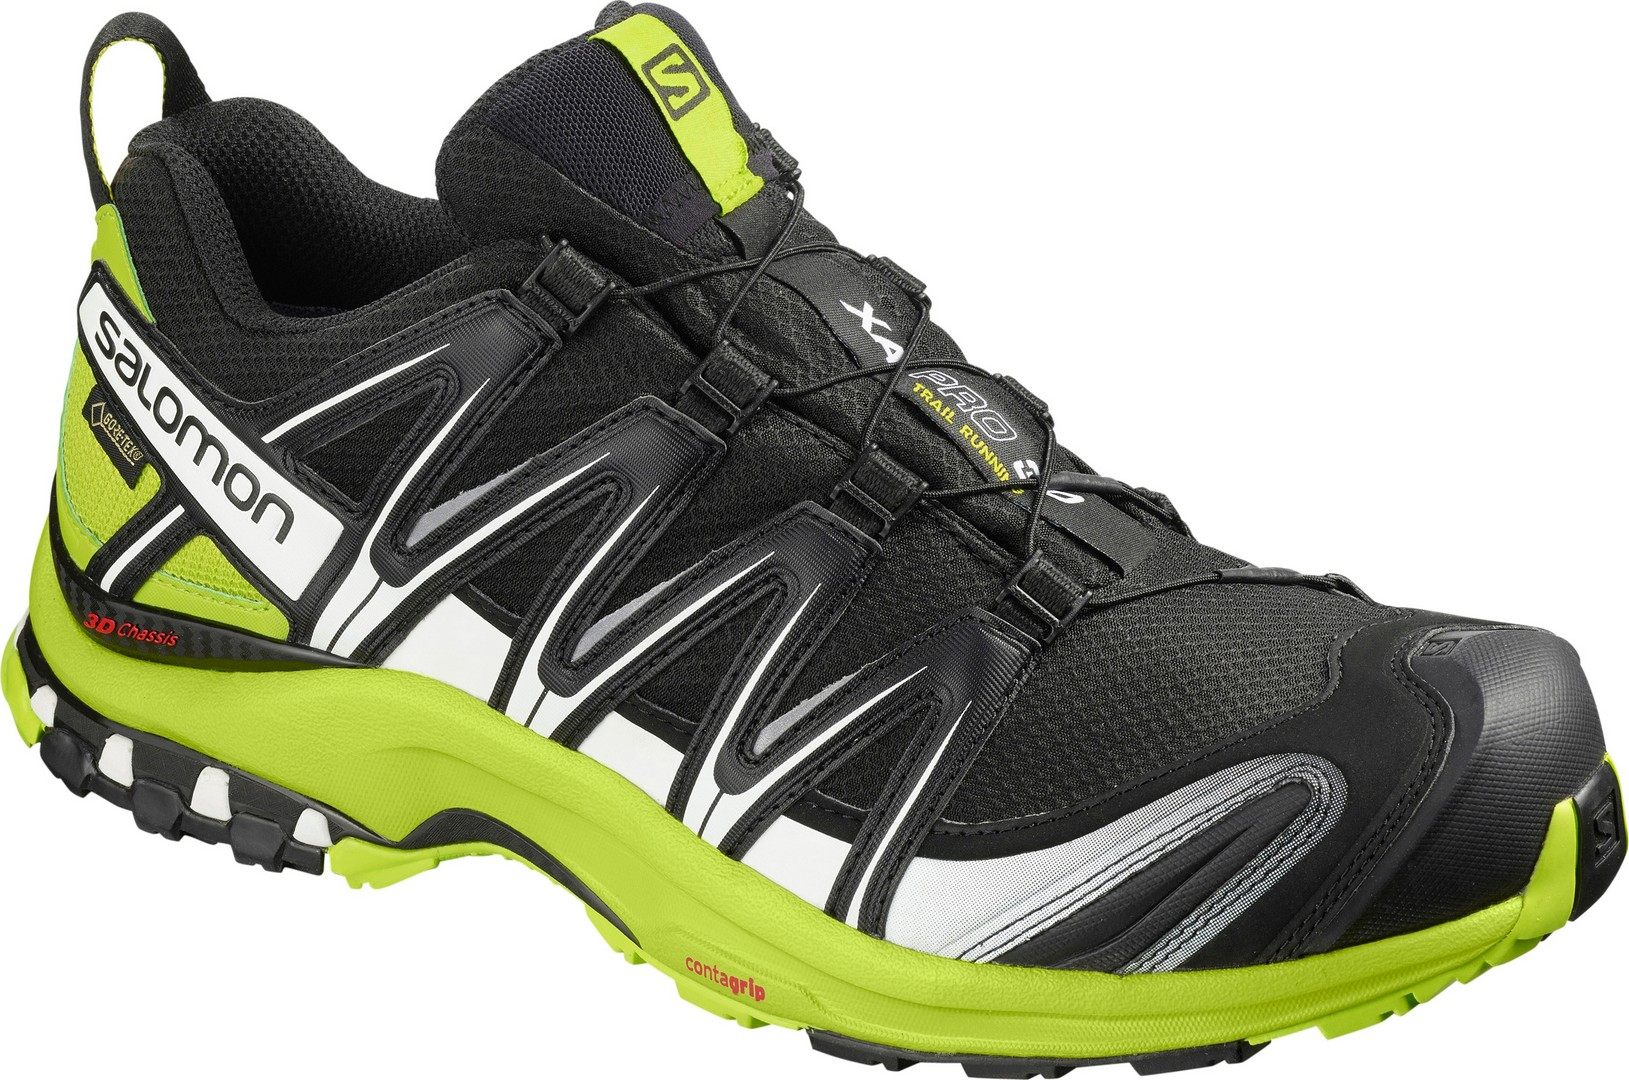 Salomon XA PRO 3D GTX®, muške patike za trčanje, crna